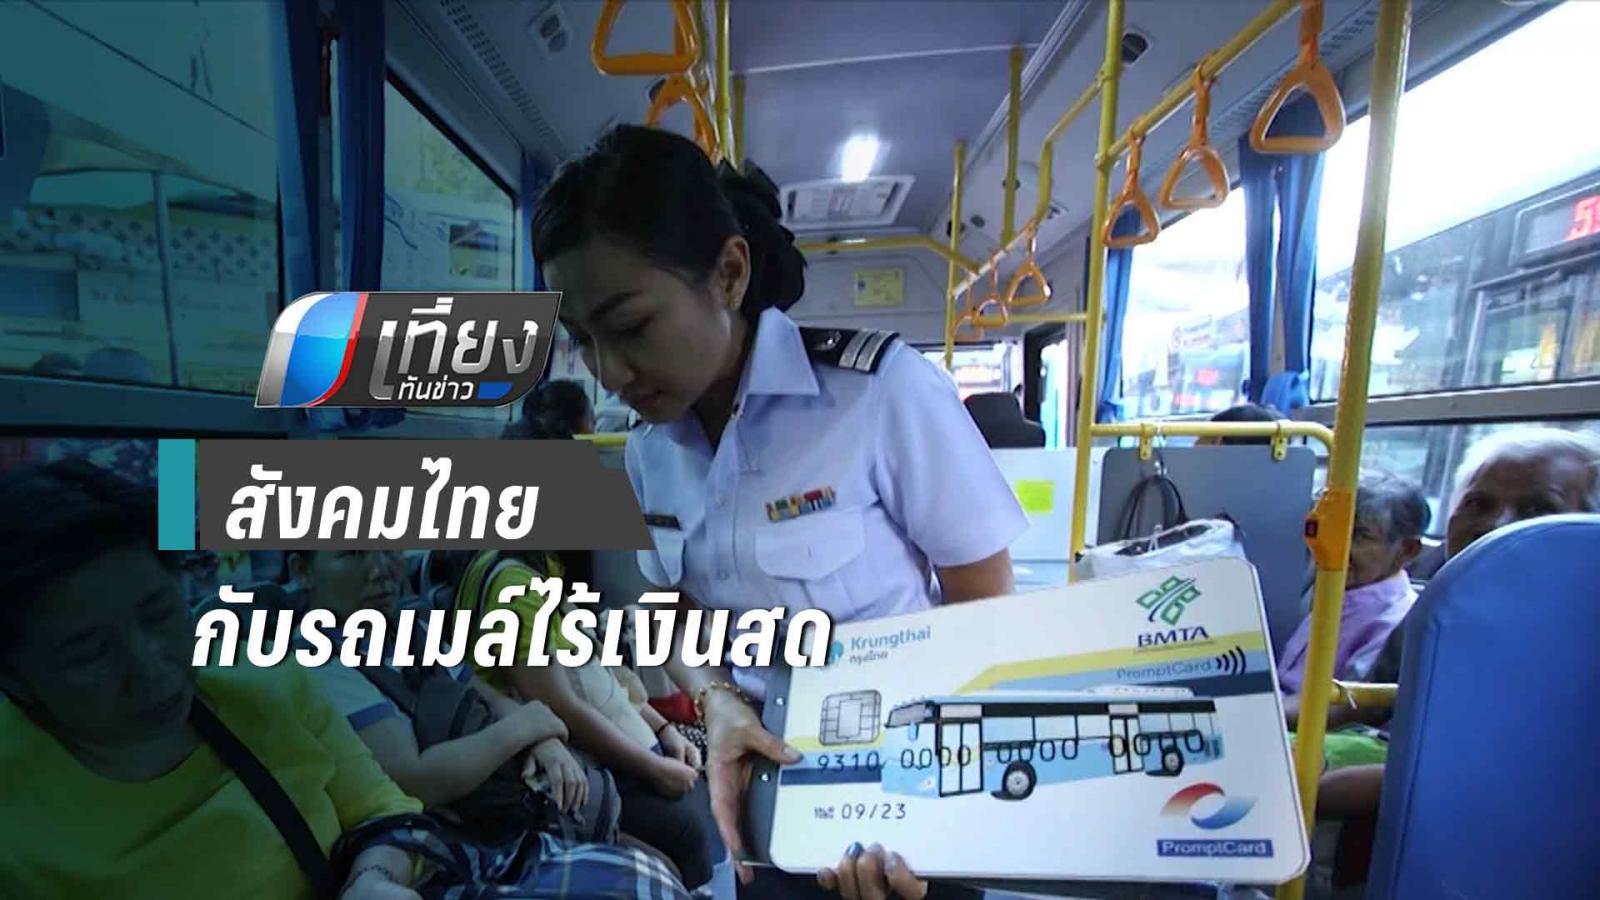 ความพร้อมสังคมไทยกับรถเมล์ไร้เงินสด